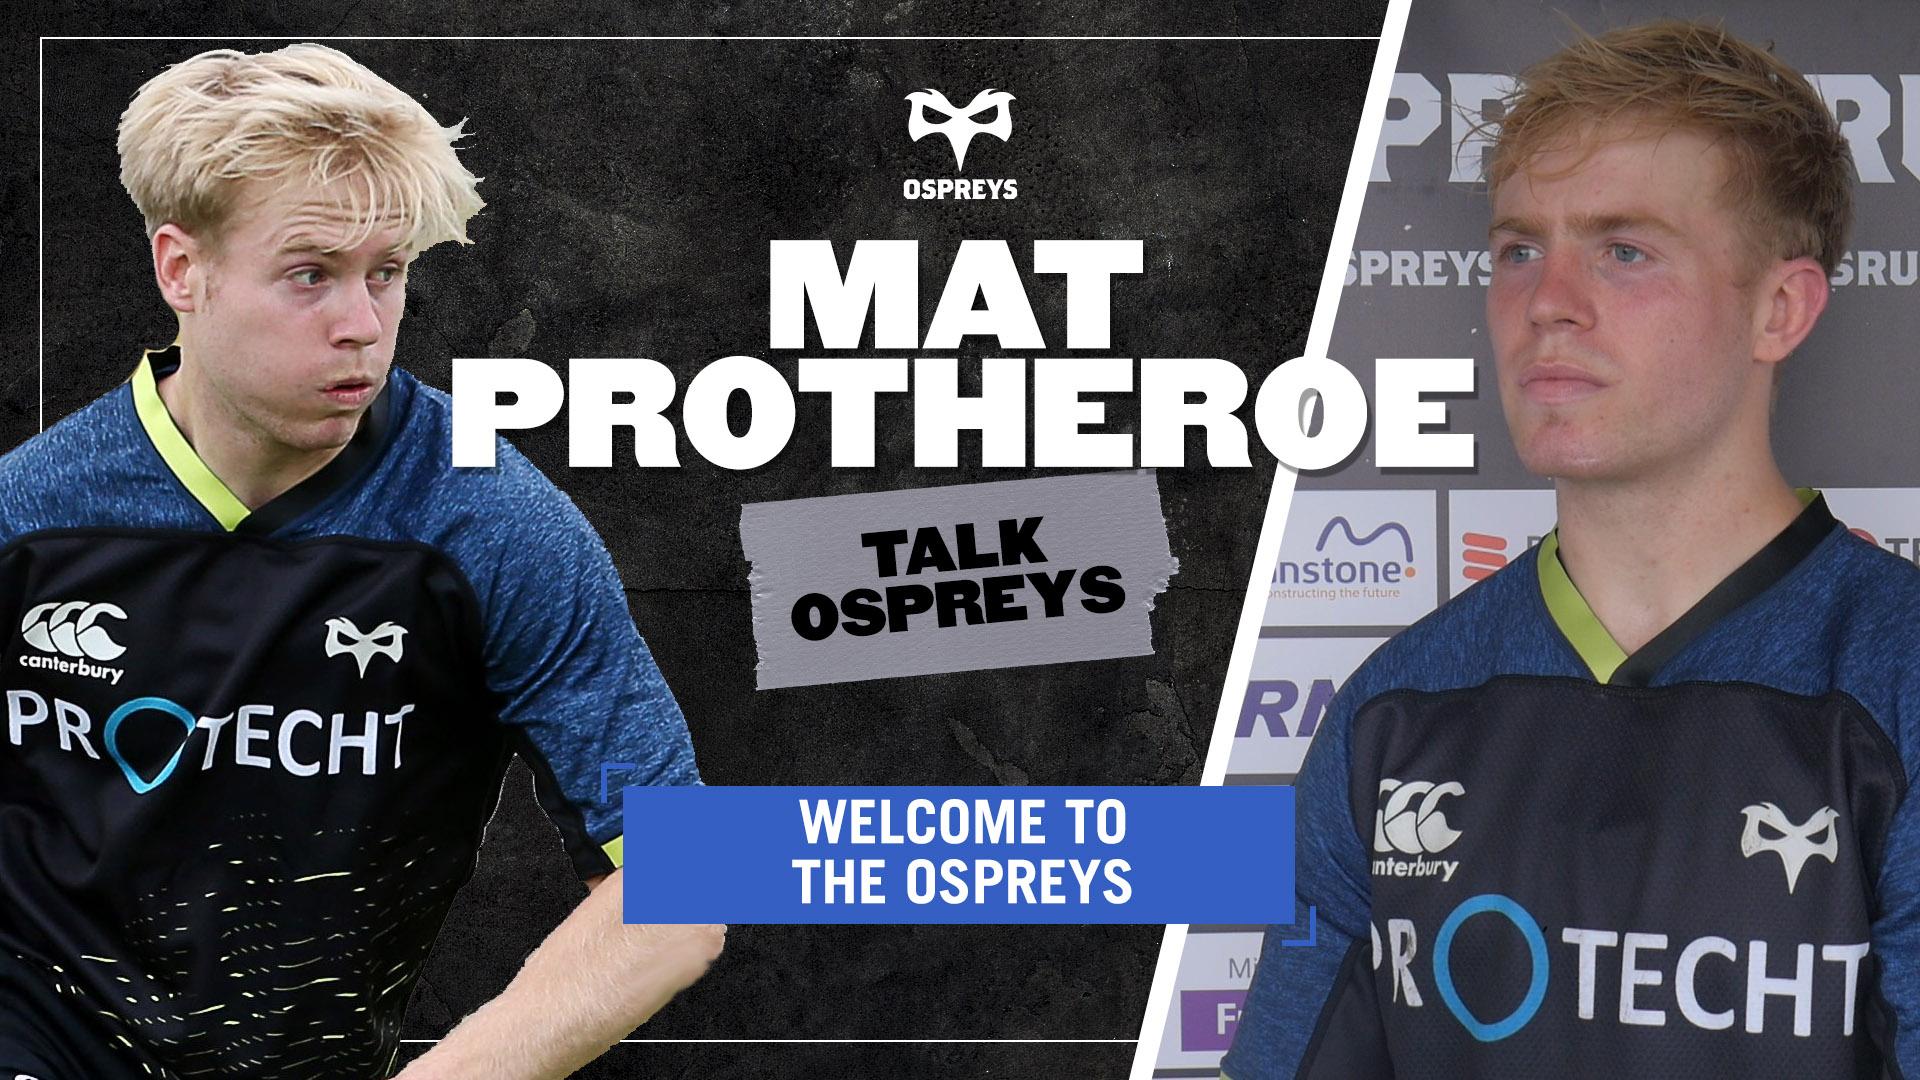 TALK OSPREYS Mat Protheroe